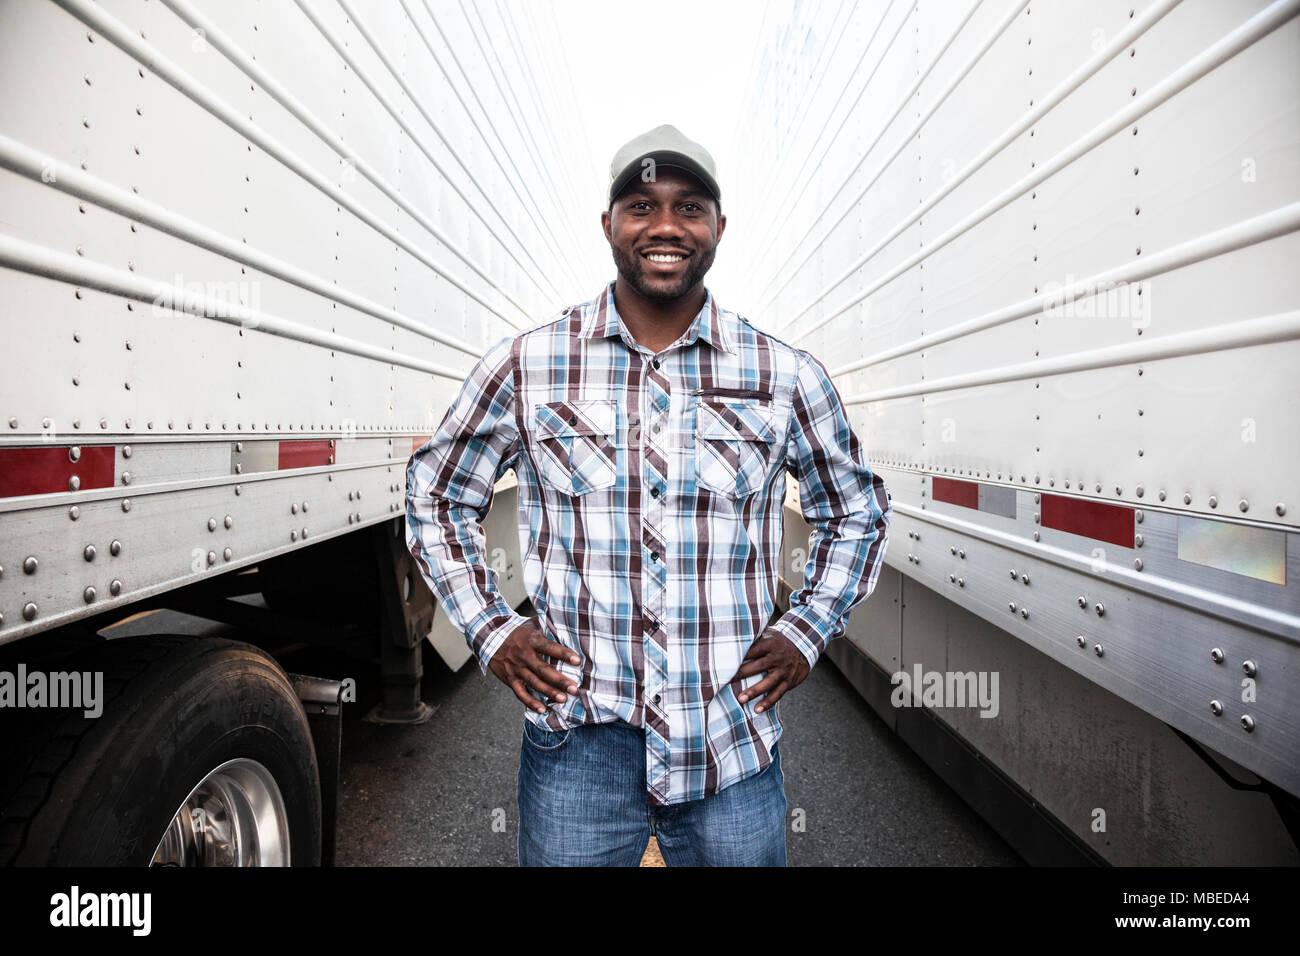 Un conductor de camión de pie entre dos grandes remolques de camiones en un trailer park, las manos en las caderas, sonriente, ropa de trabajo Imagen De Stock